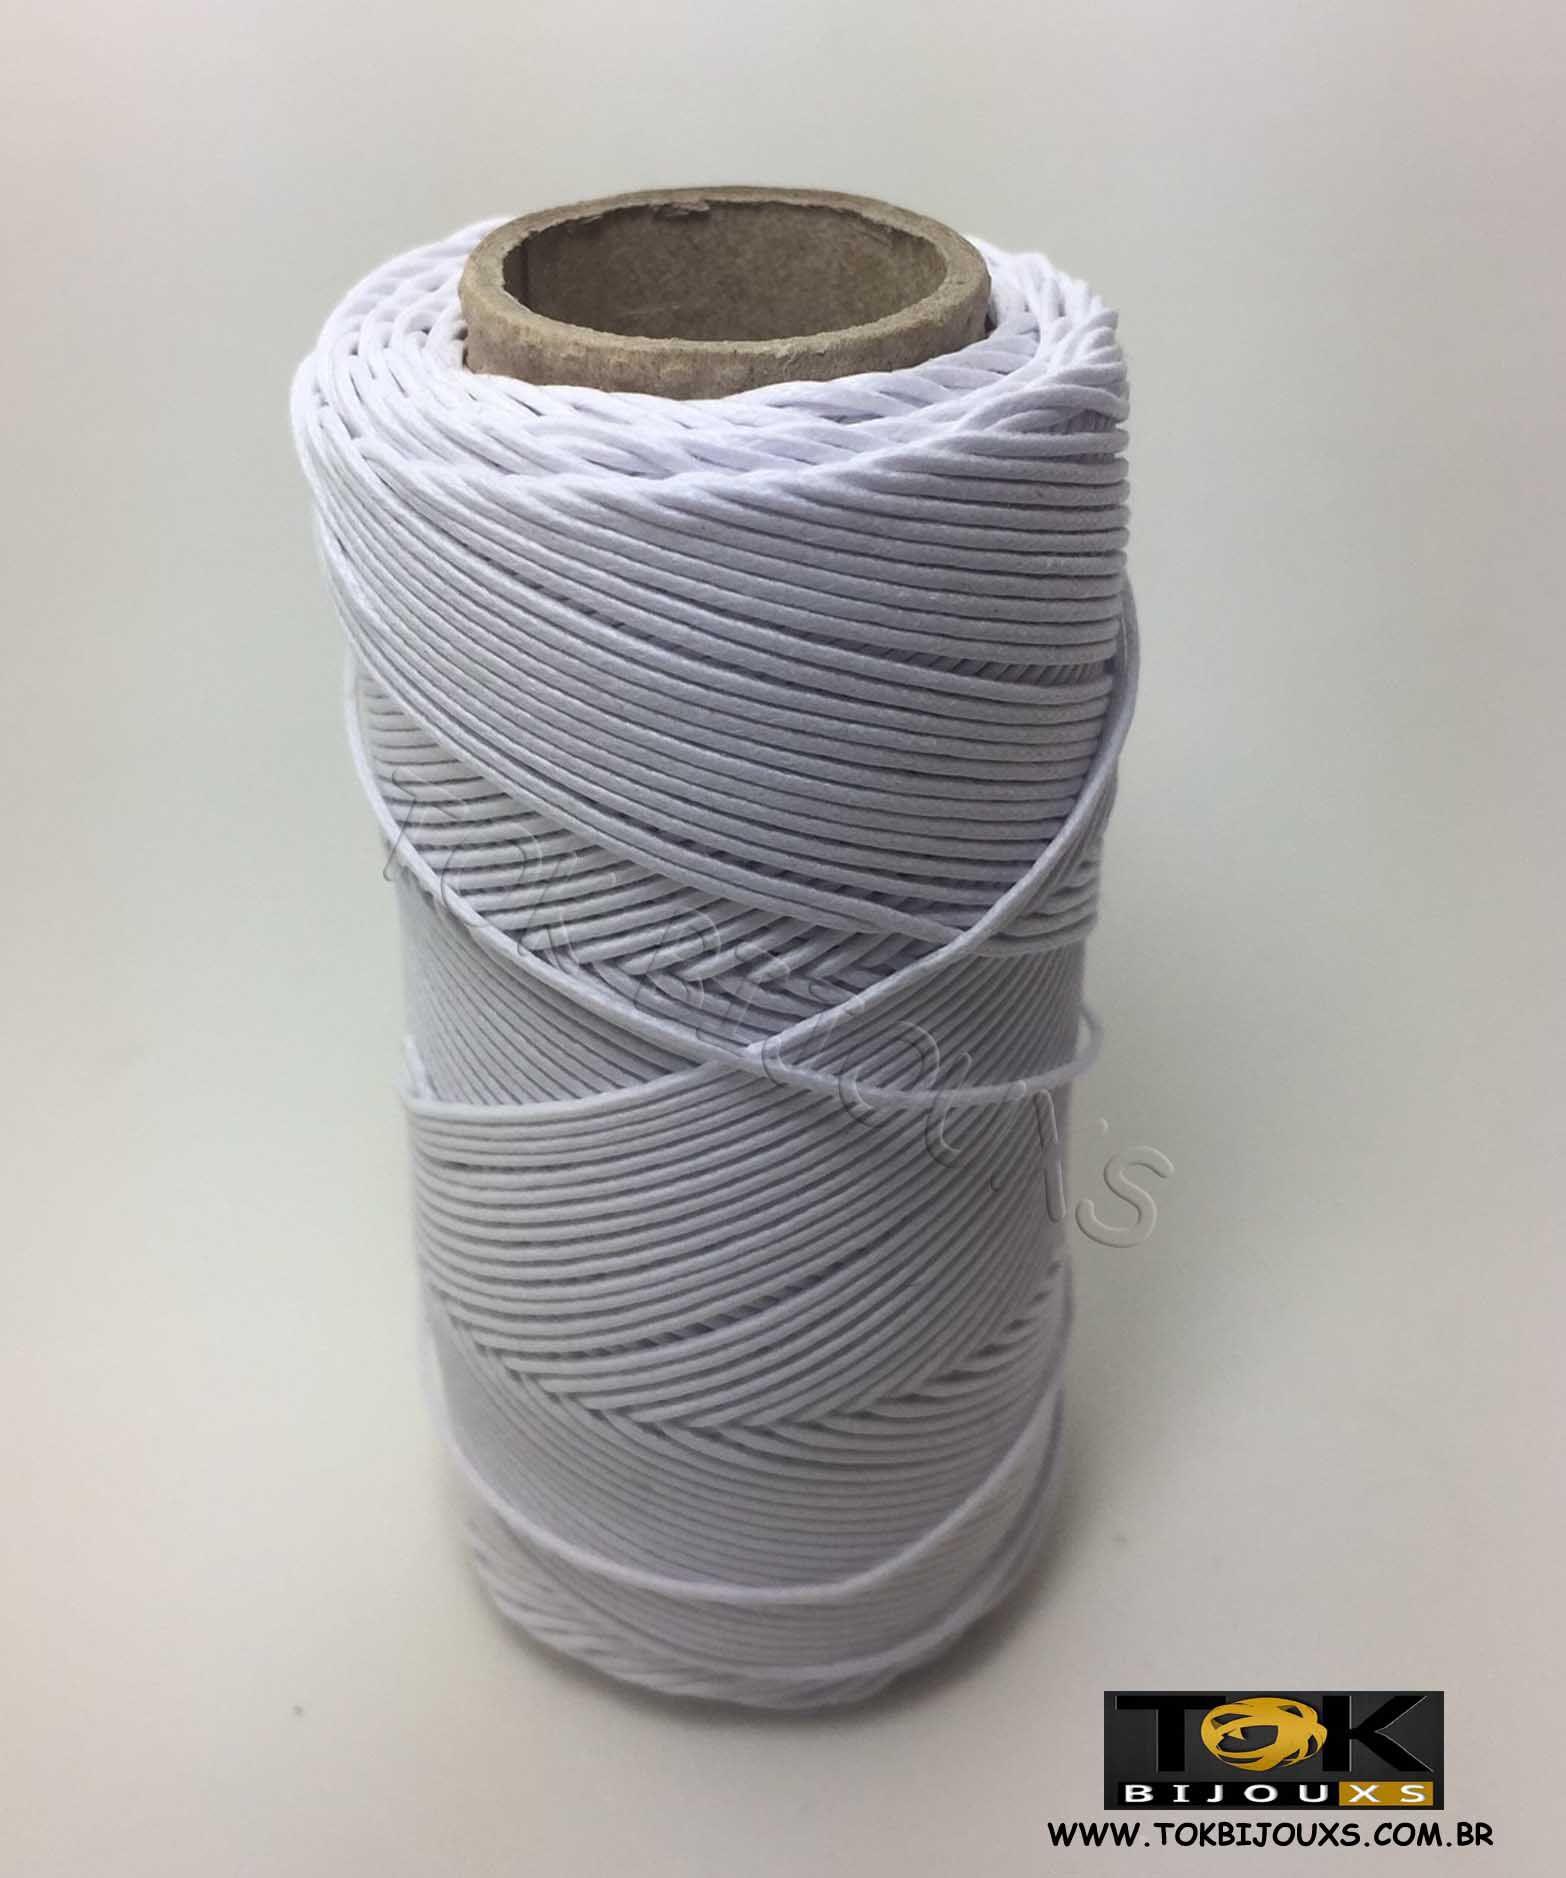 Cordão Encerado Algodão - 2mm - Branco